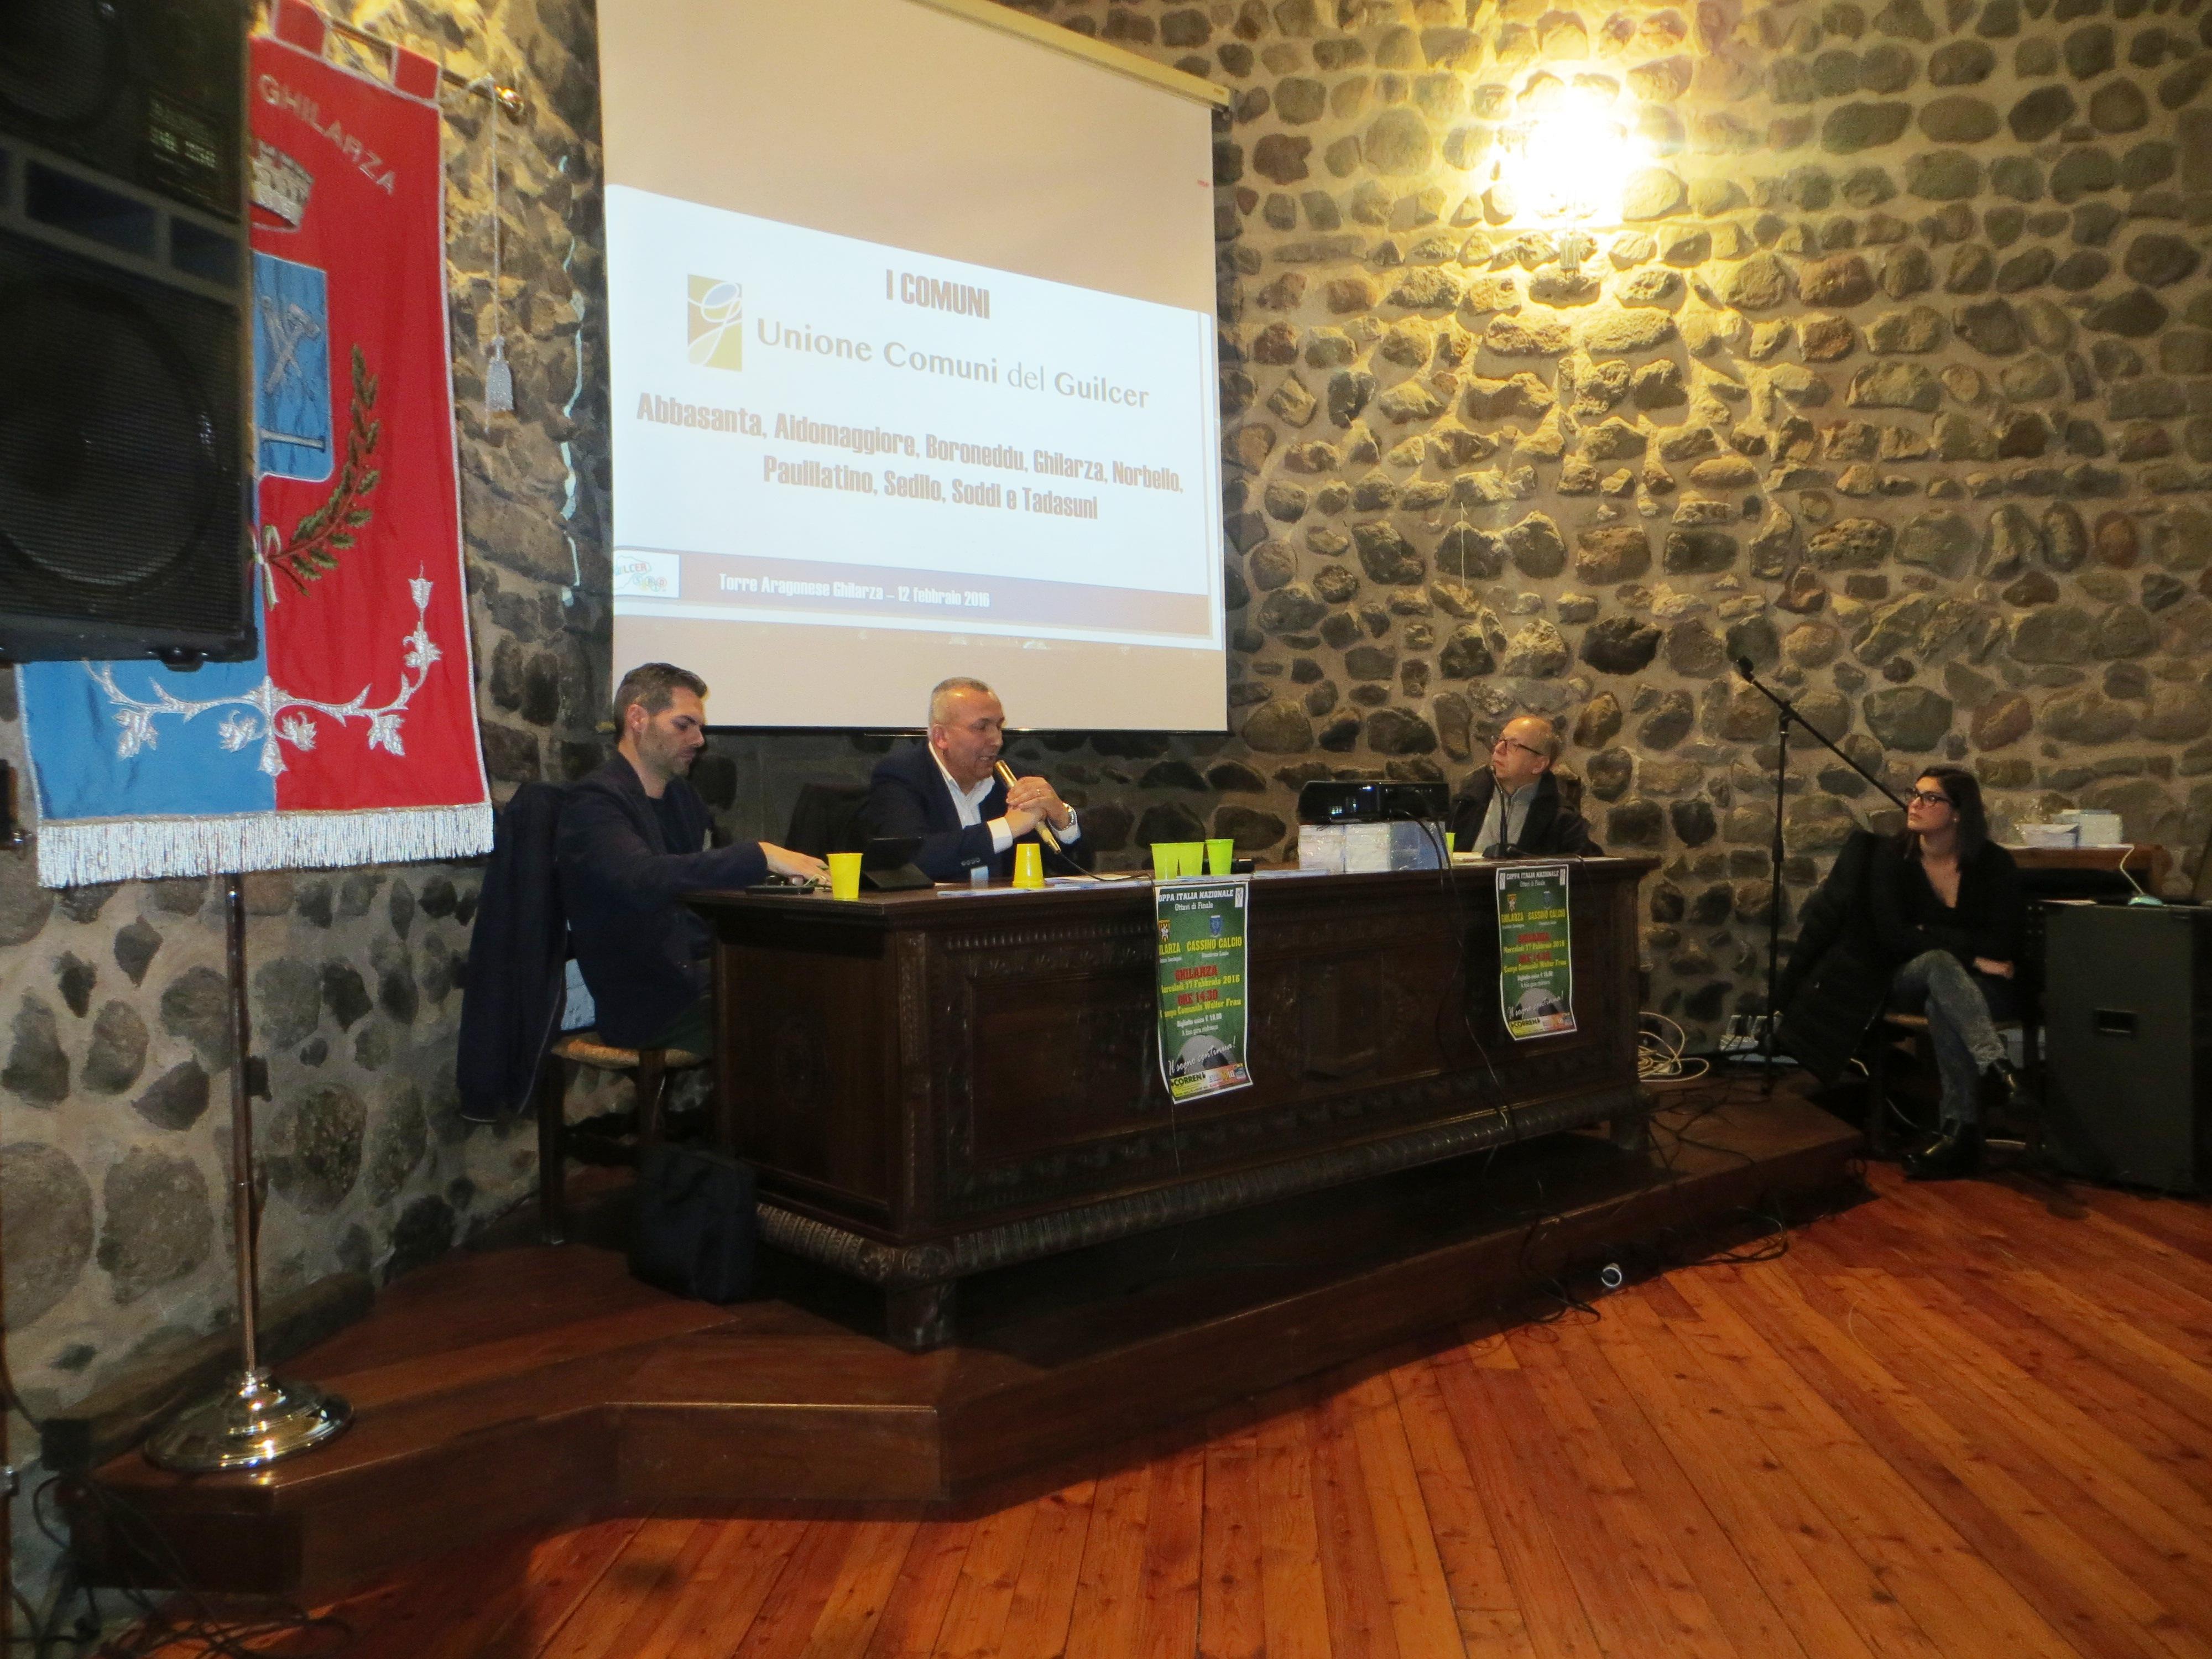 Presentazione GuilcerSport 3